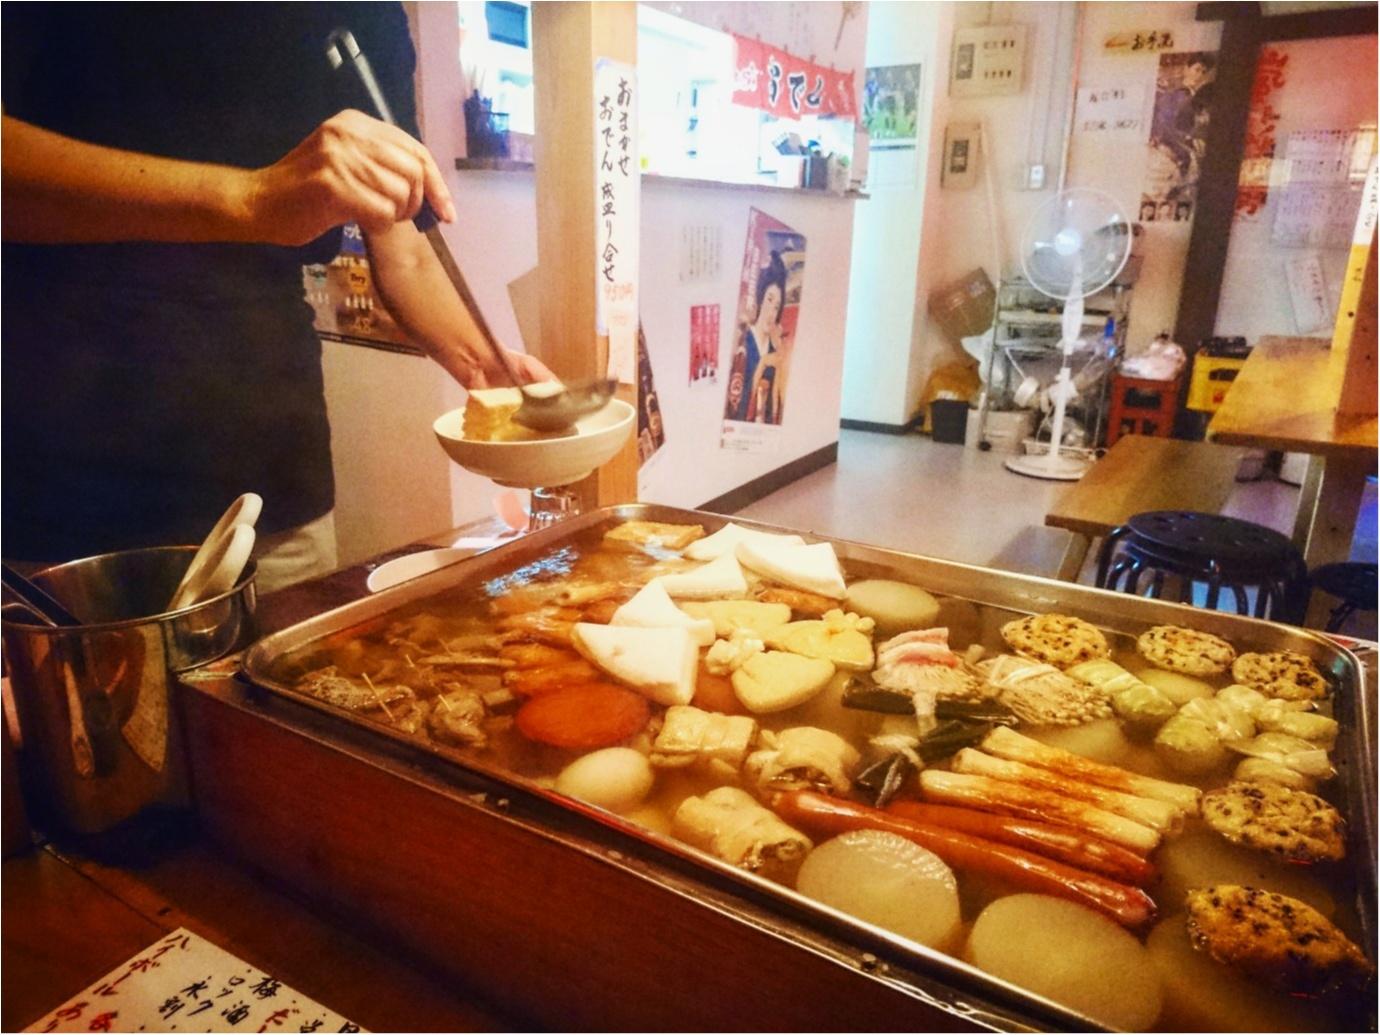 【グルメ】おでんの屋台がお店の中に ♪ これからの季節、寒い日にはぴったり!東京神田『おでん屋台村』_3